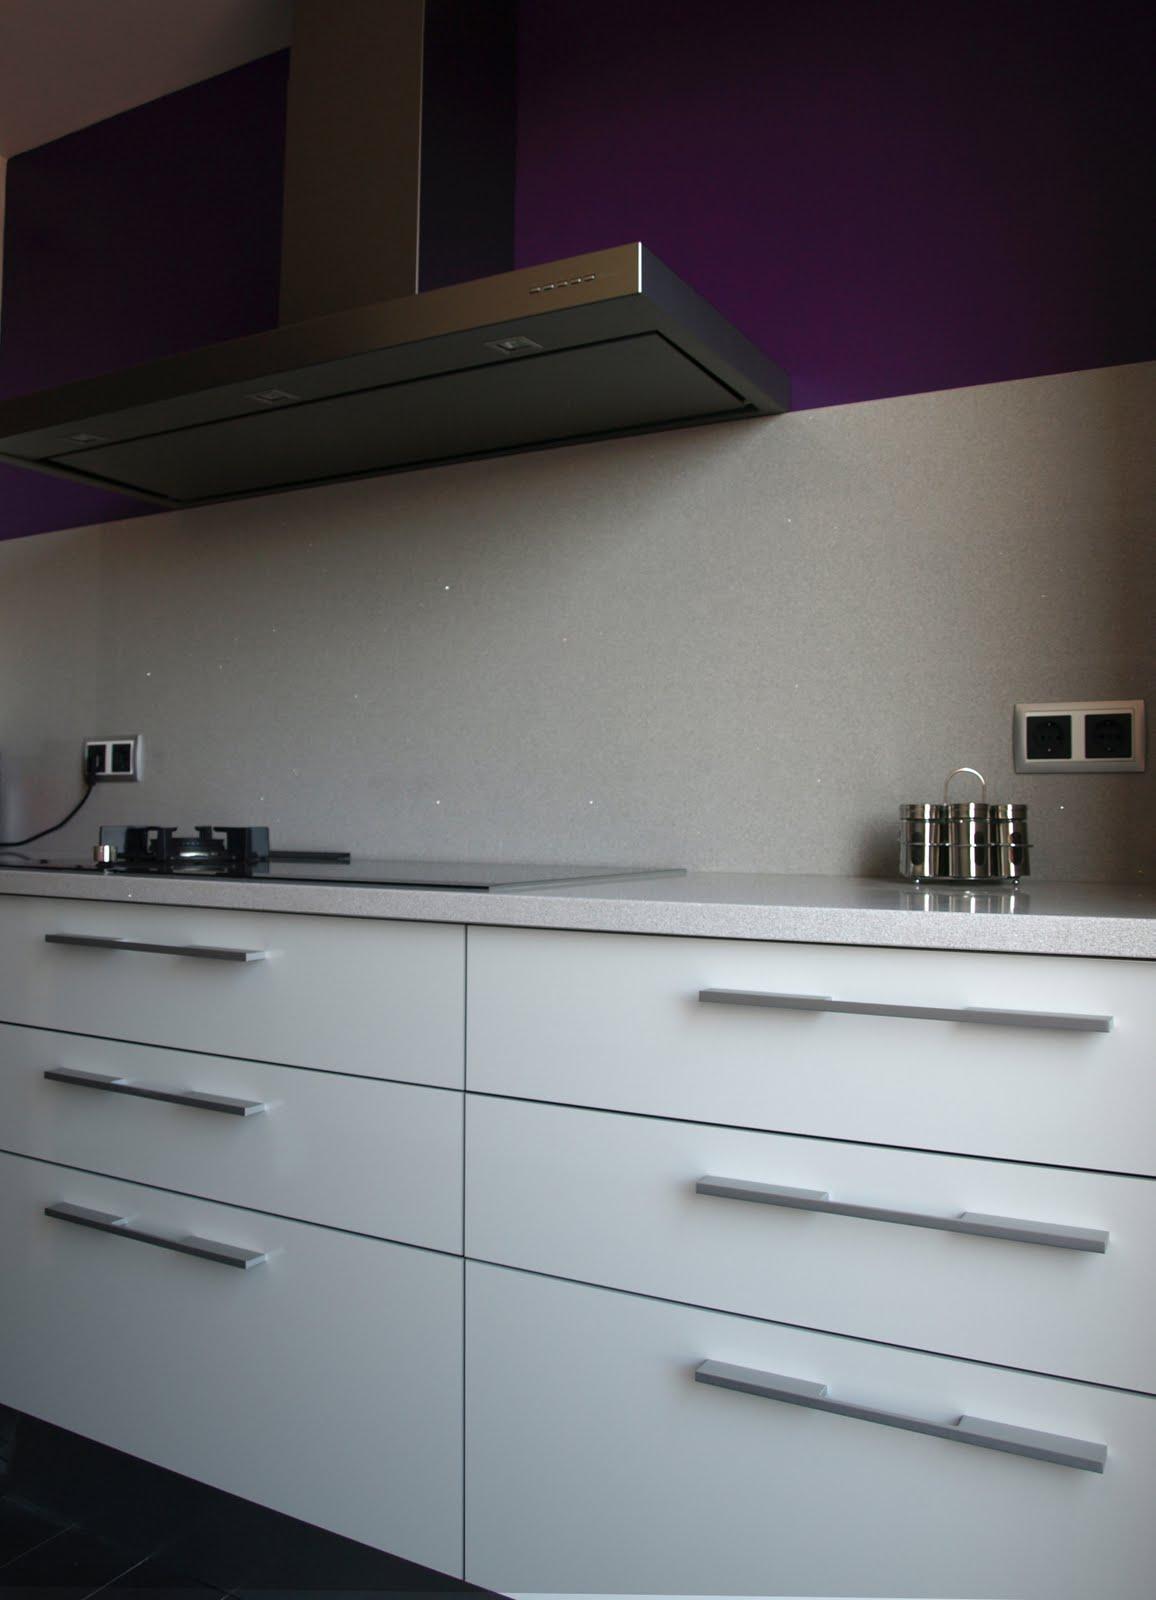 Cocina en paralelo con barra decoraci n - Barra cocina silestone ...